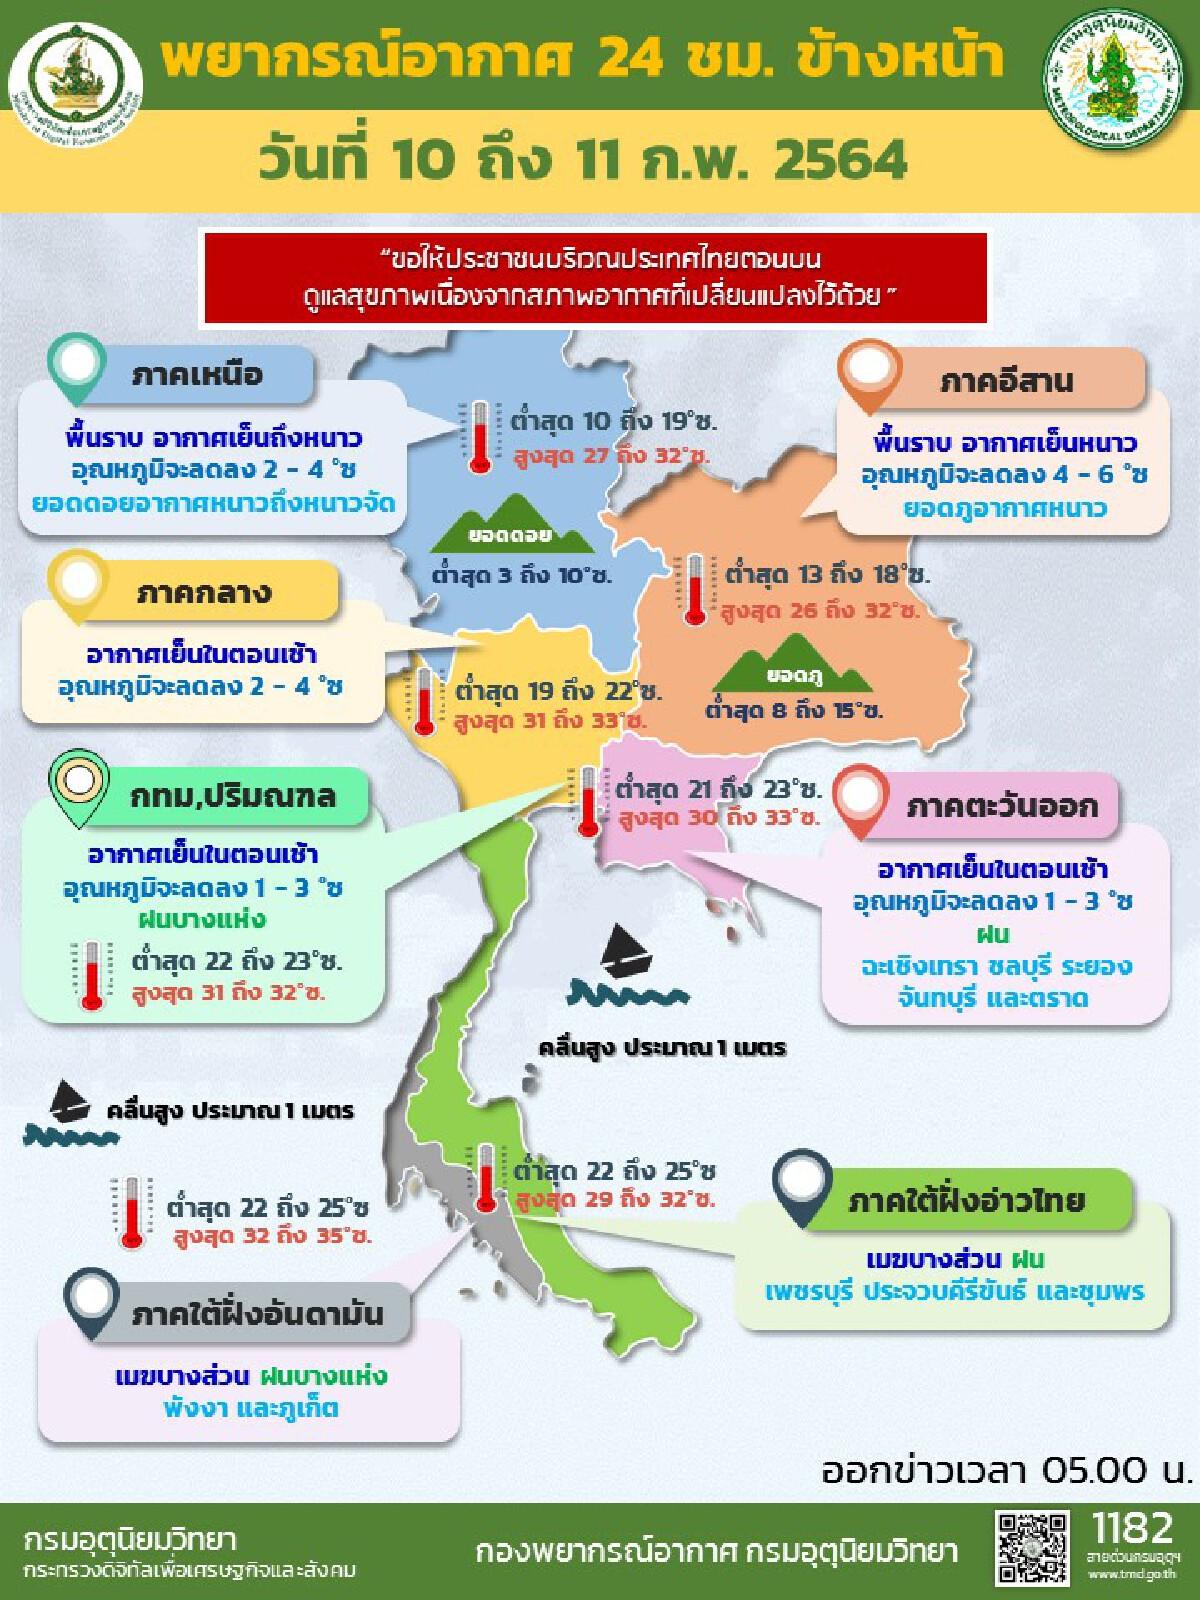 พยากรณ์อากาศ ทั่วไทยอุณหภูมิลดฮวบ 2-6 องศา หลังมีฝนตกในหลายพื้นที่